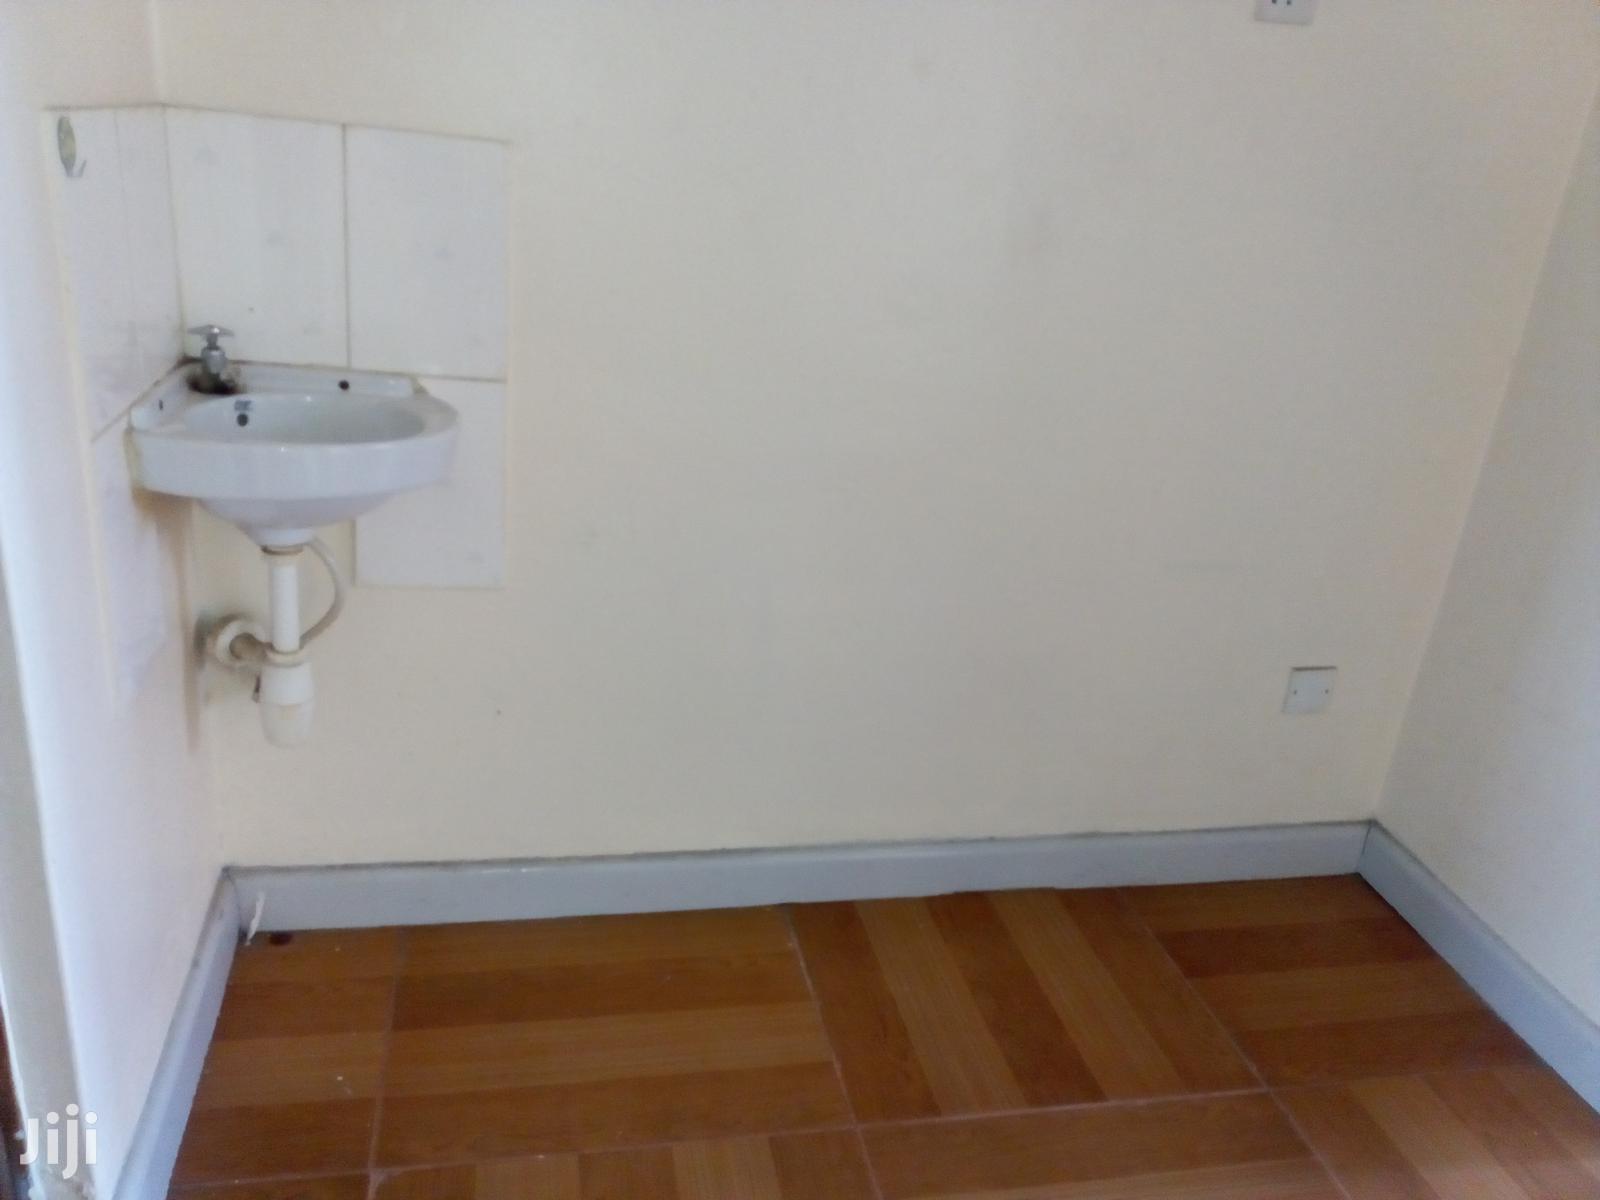 One Bedroom Imara Daima | Houses & Apartments For Rent for sale in Embakasi, Nairobi, Kenya